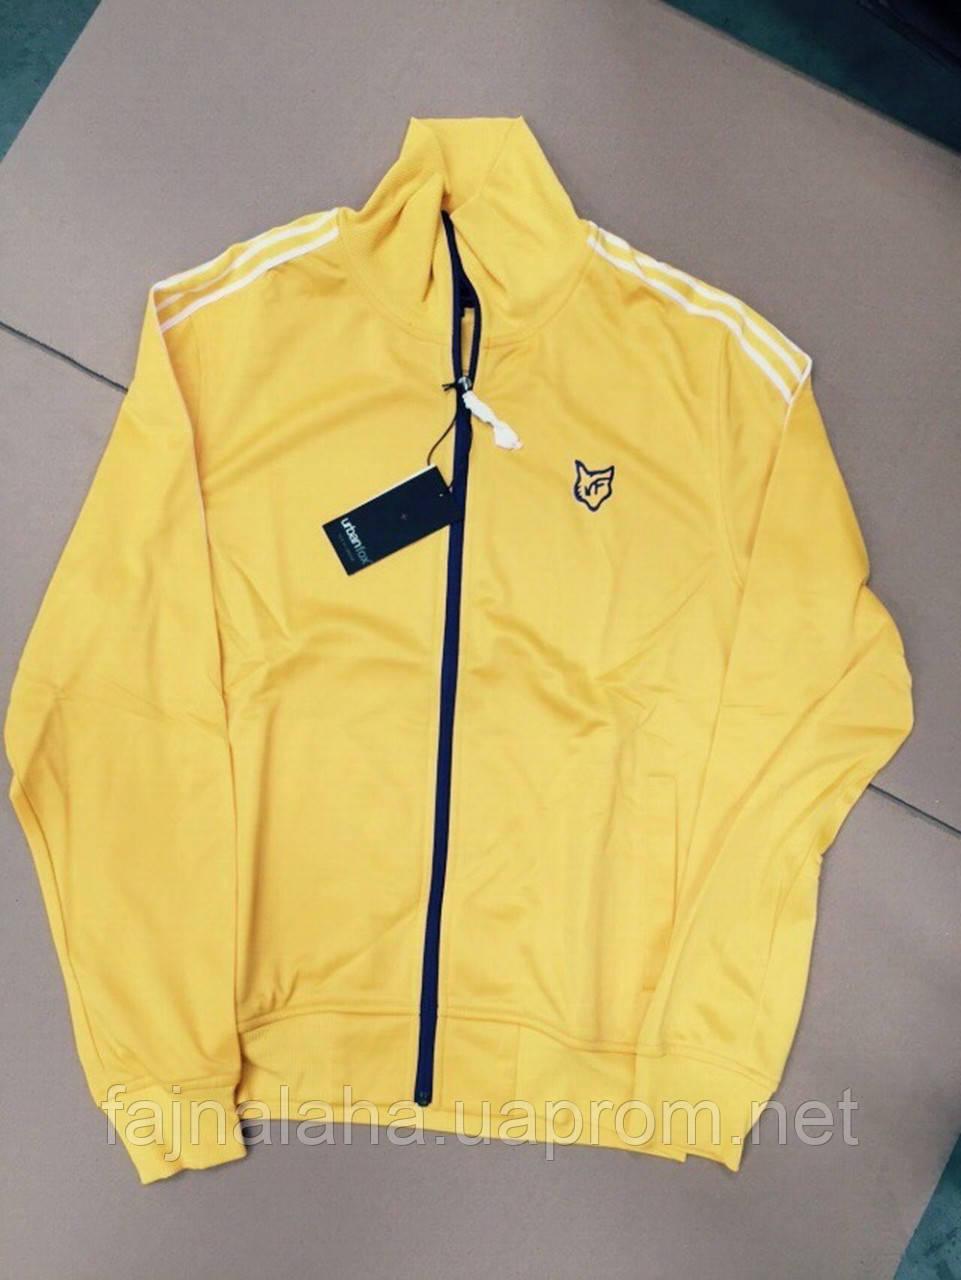 Мужская одежда сток оптом - UrbanFox - Брендовая стоковая одежда из Англии  в Луцке 3084bad18eb